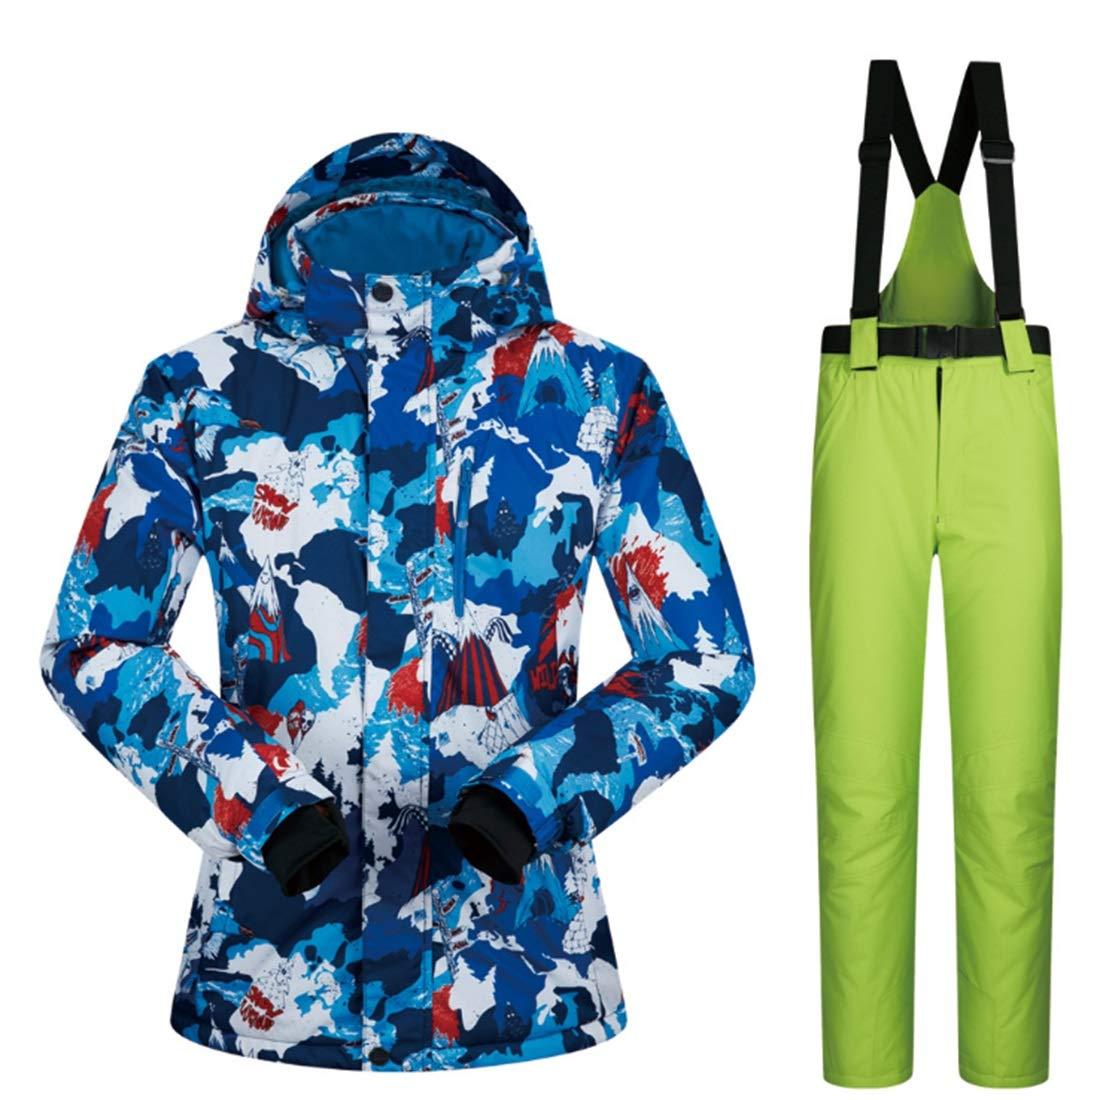 Shiduoli Giacca Giacca Giacca da Sci per Snowboard Impermeabile e Traspirante da Esterno per Escursionismo a Basse Temperature (Coloree   04, Dimensione   XL)B07M6VK489Large 05 | Forte calore e resistenza al calore  | Apparenza Estetica  | A Prezzi Convenienti  | Be 81c233